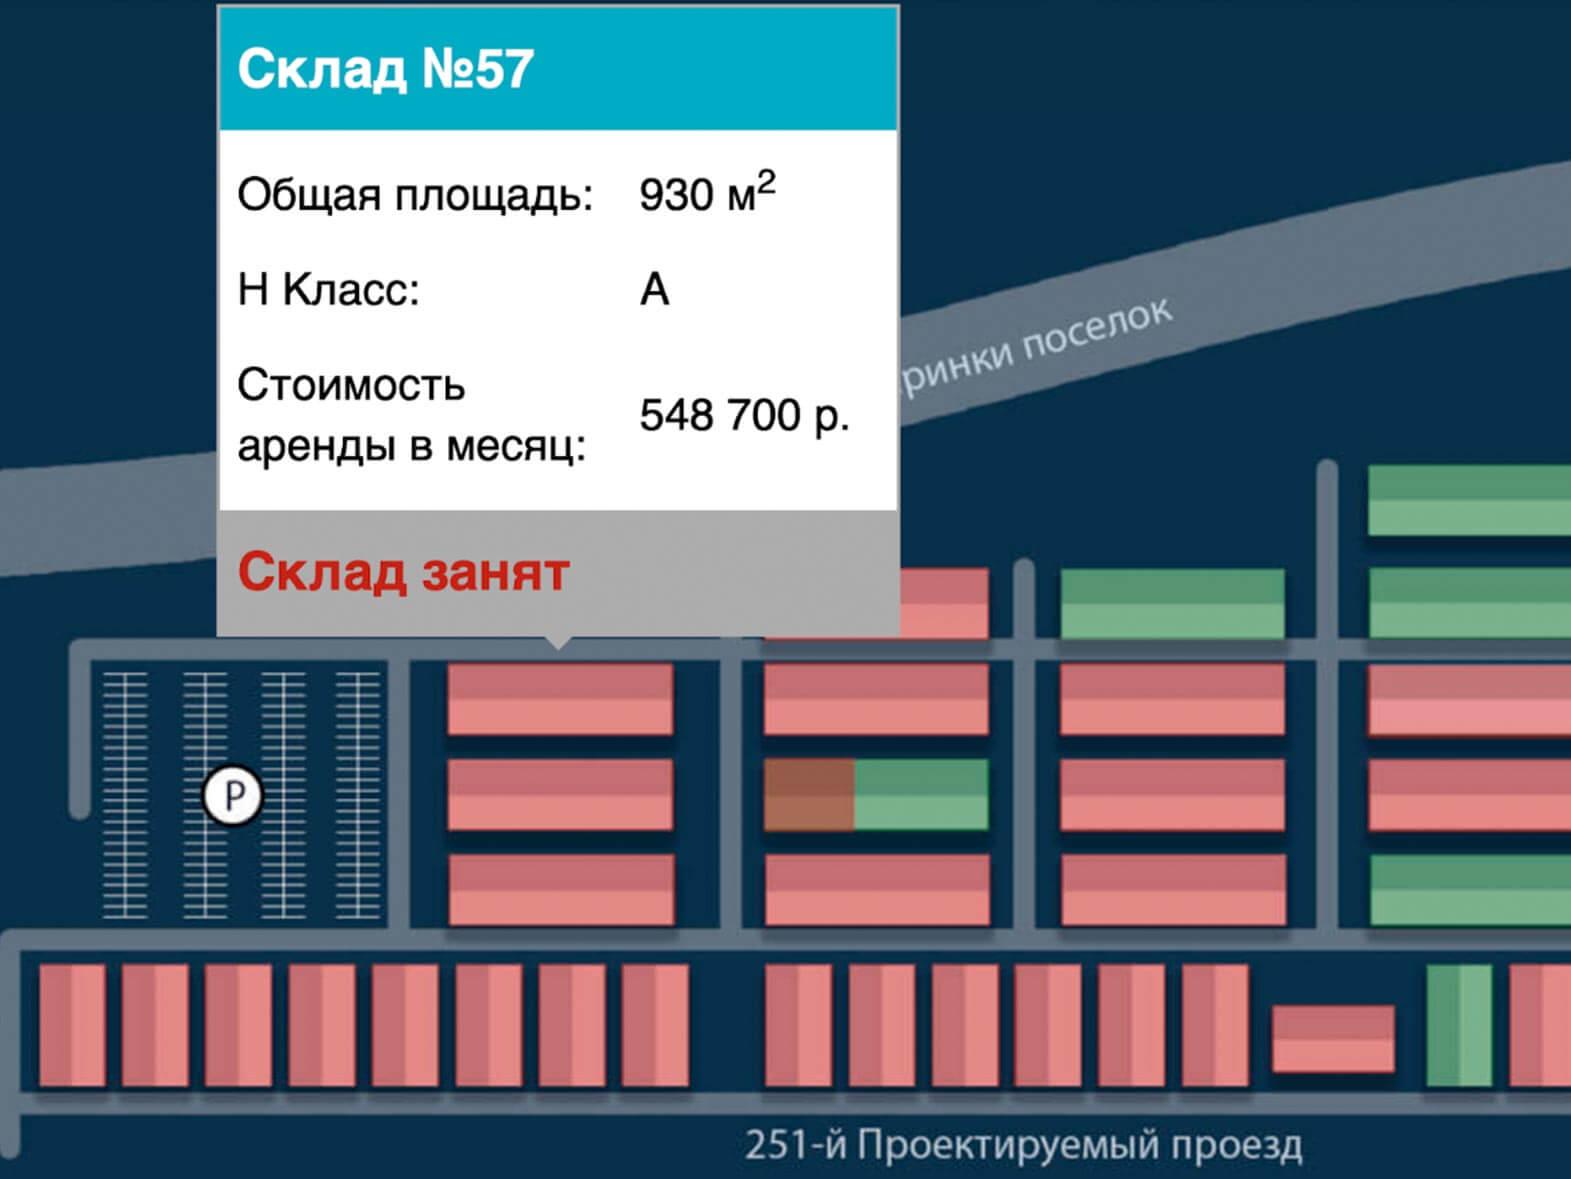 интерактивная карта со складами фото